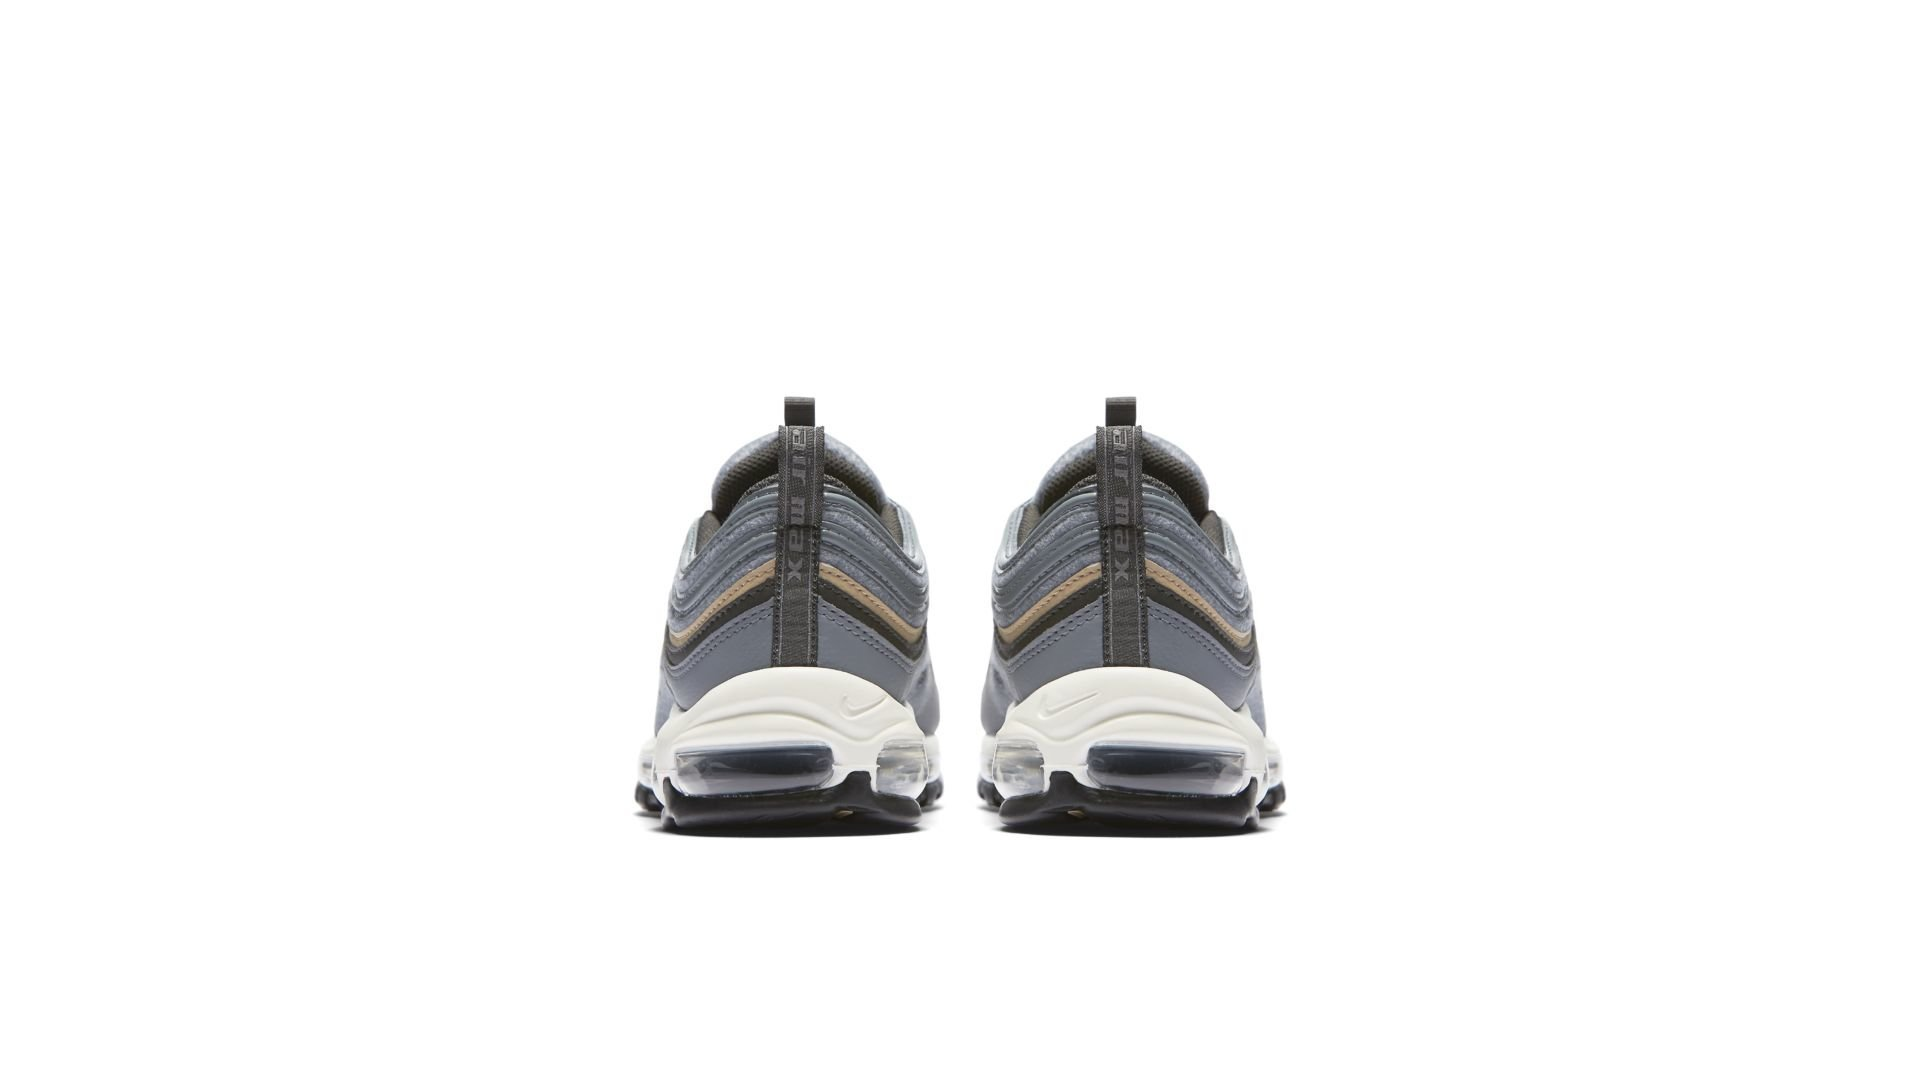 Nike Air Max 97 Premium 312834-003